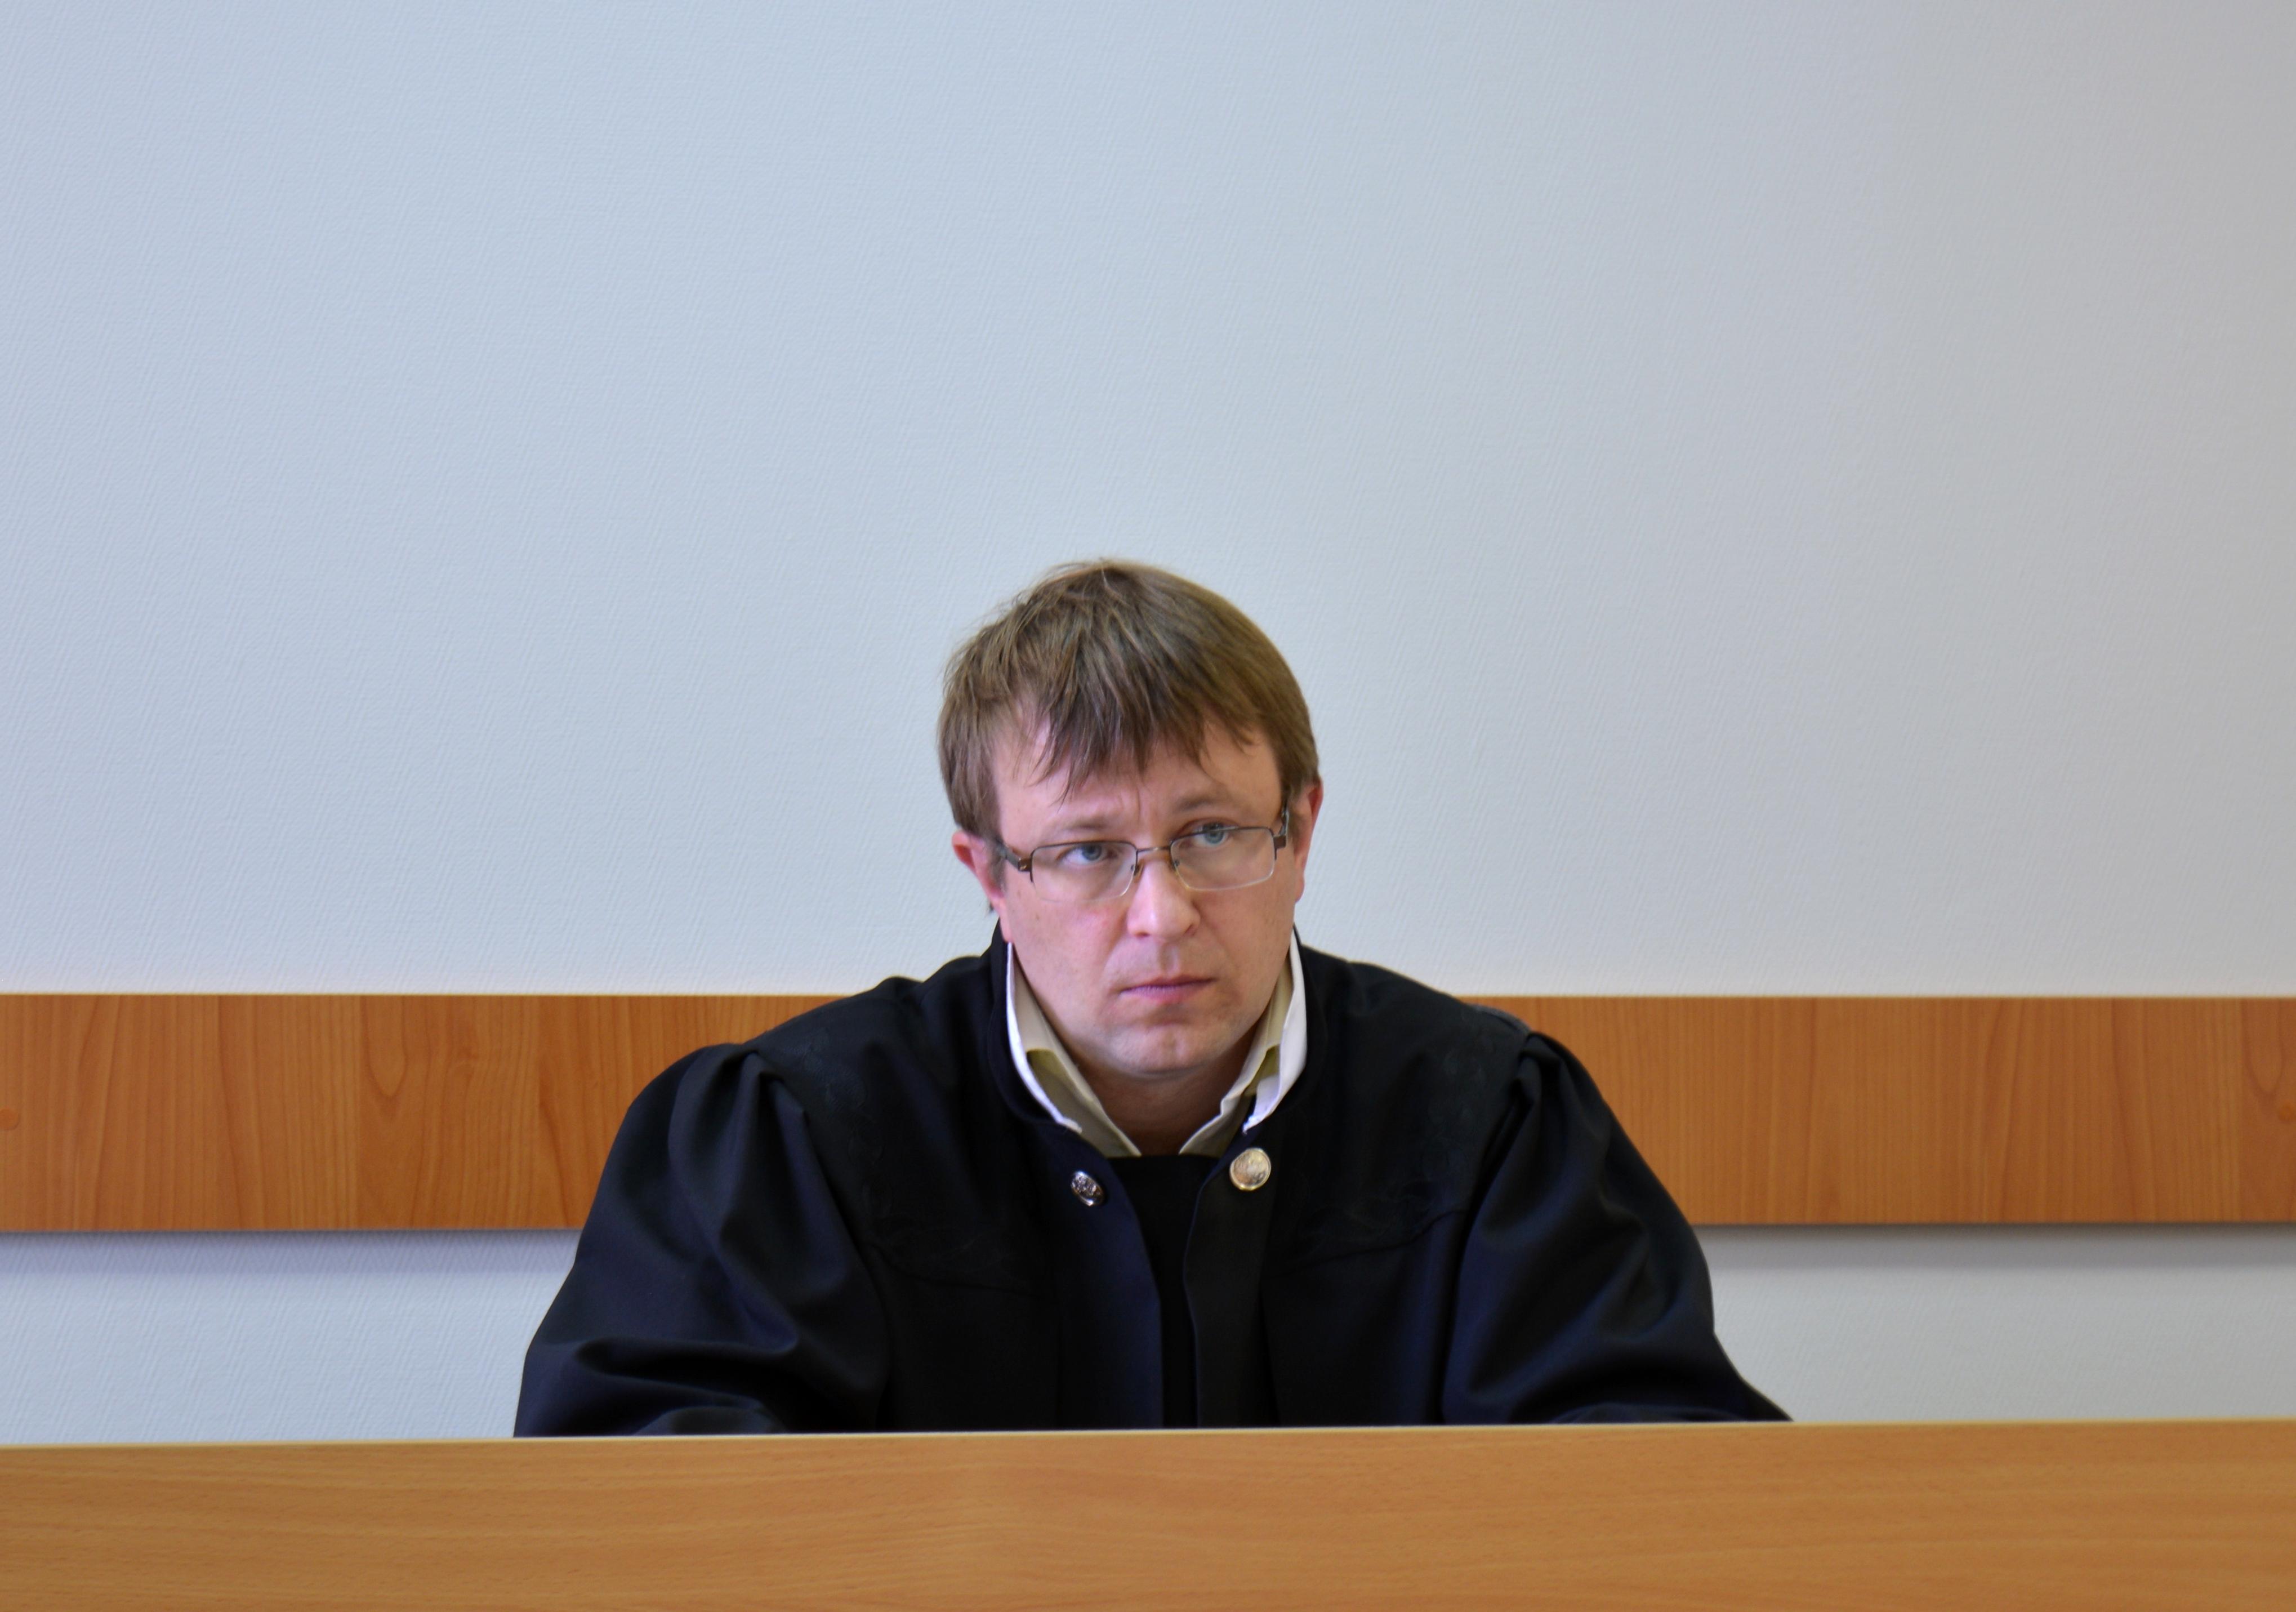 Судья Павел Малыгин. Фото: Алексей Владимиров